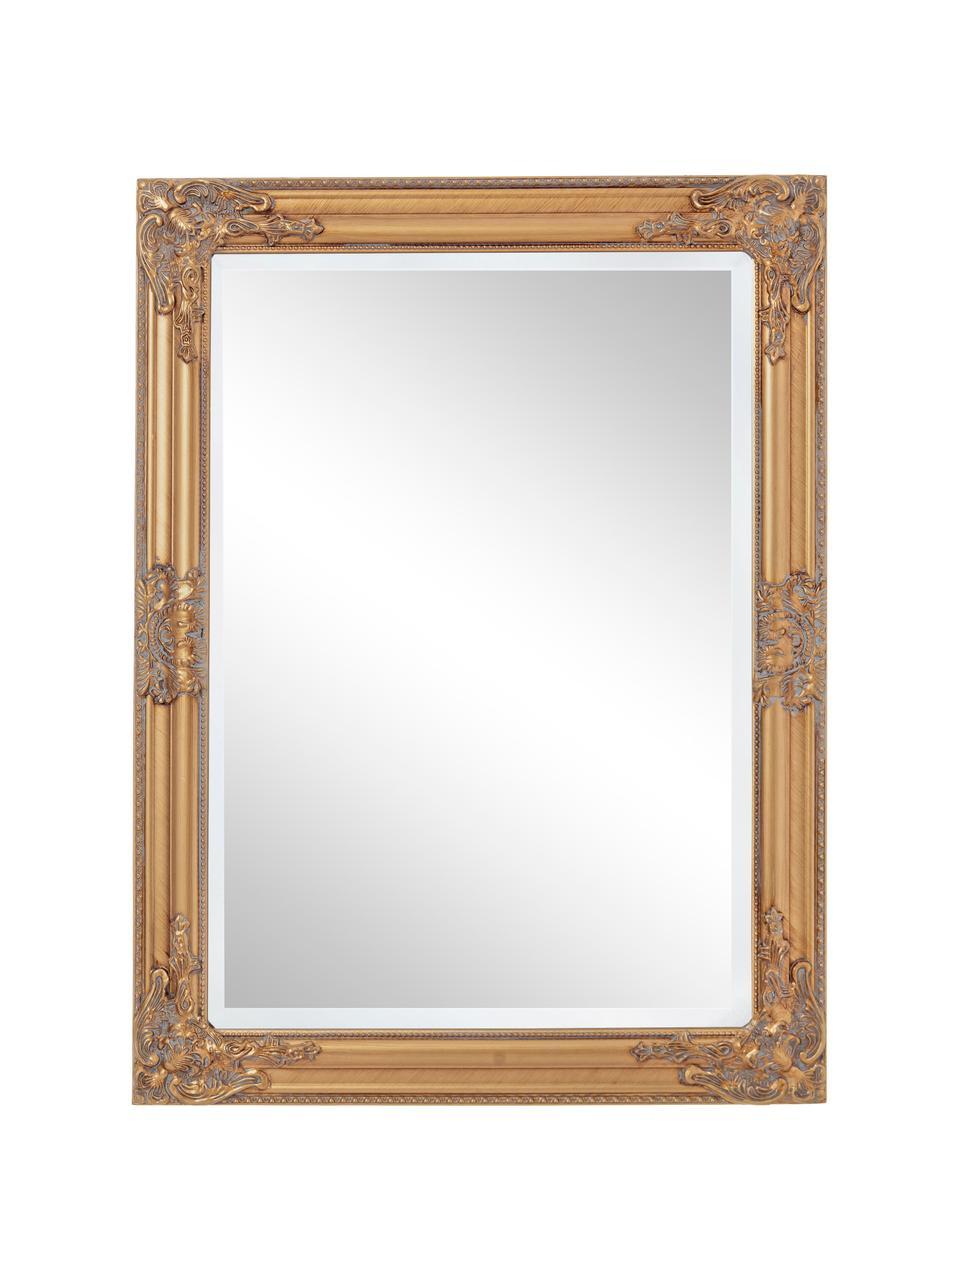 Wandspiegel Miro mit Goldrahmen in Antikoptik, Rahmen: Paulowniaholz, beschichte, Spiegelfläche: Spiegelglas, Goldfarben, 62 x 82 cm